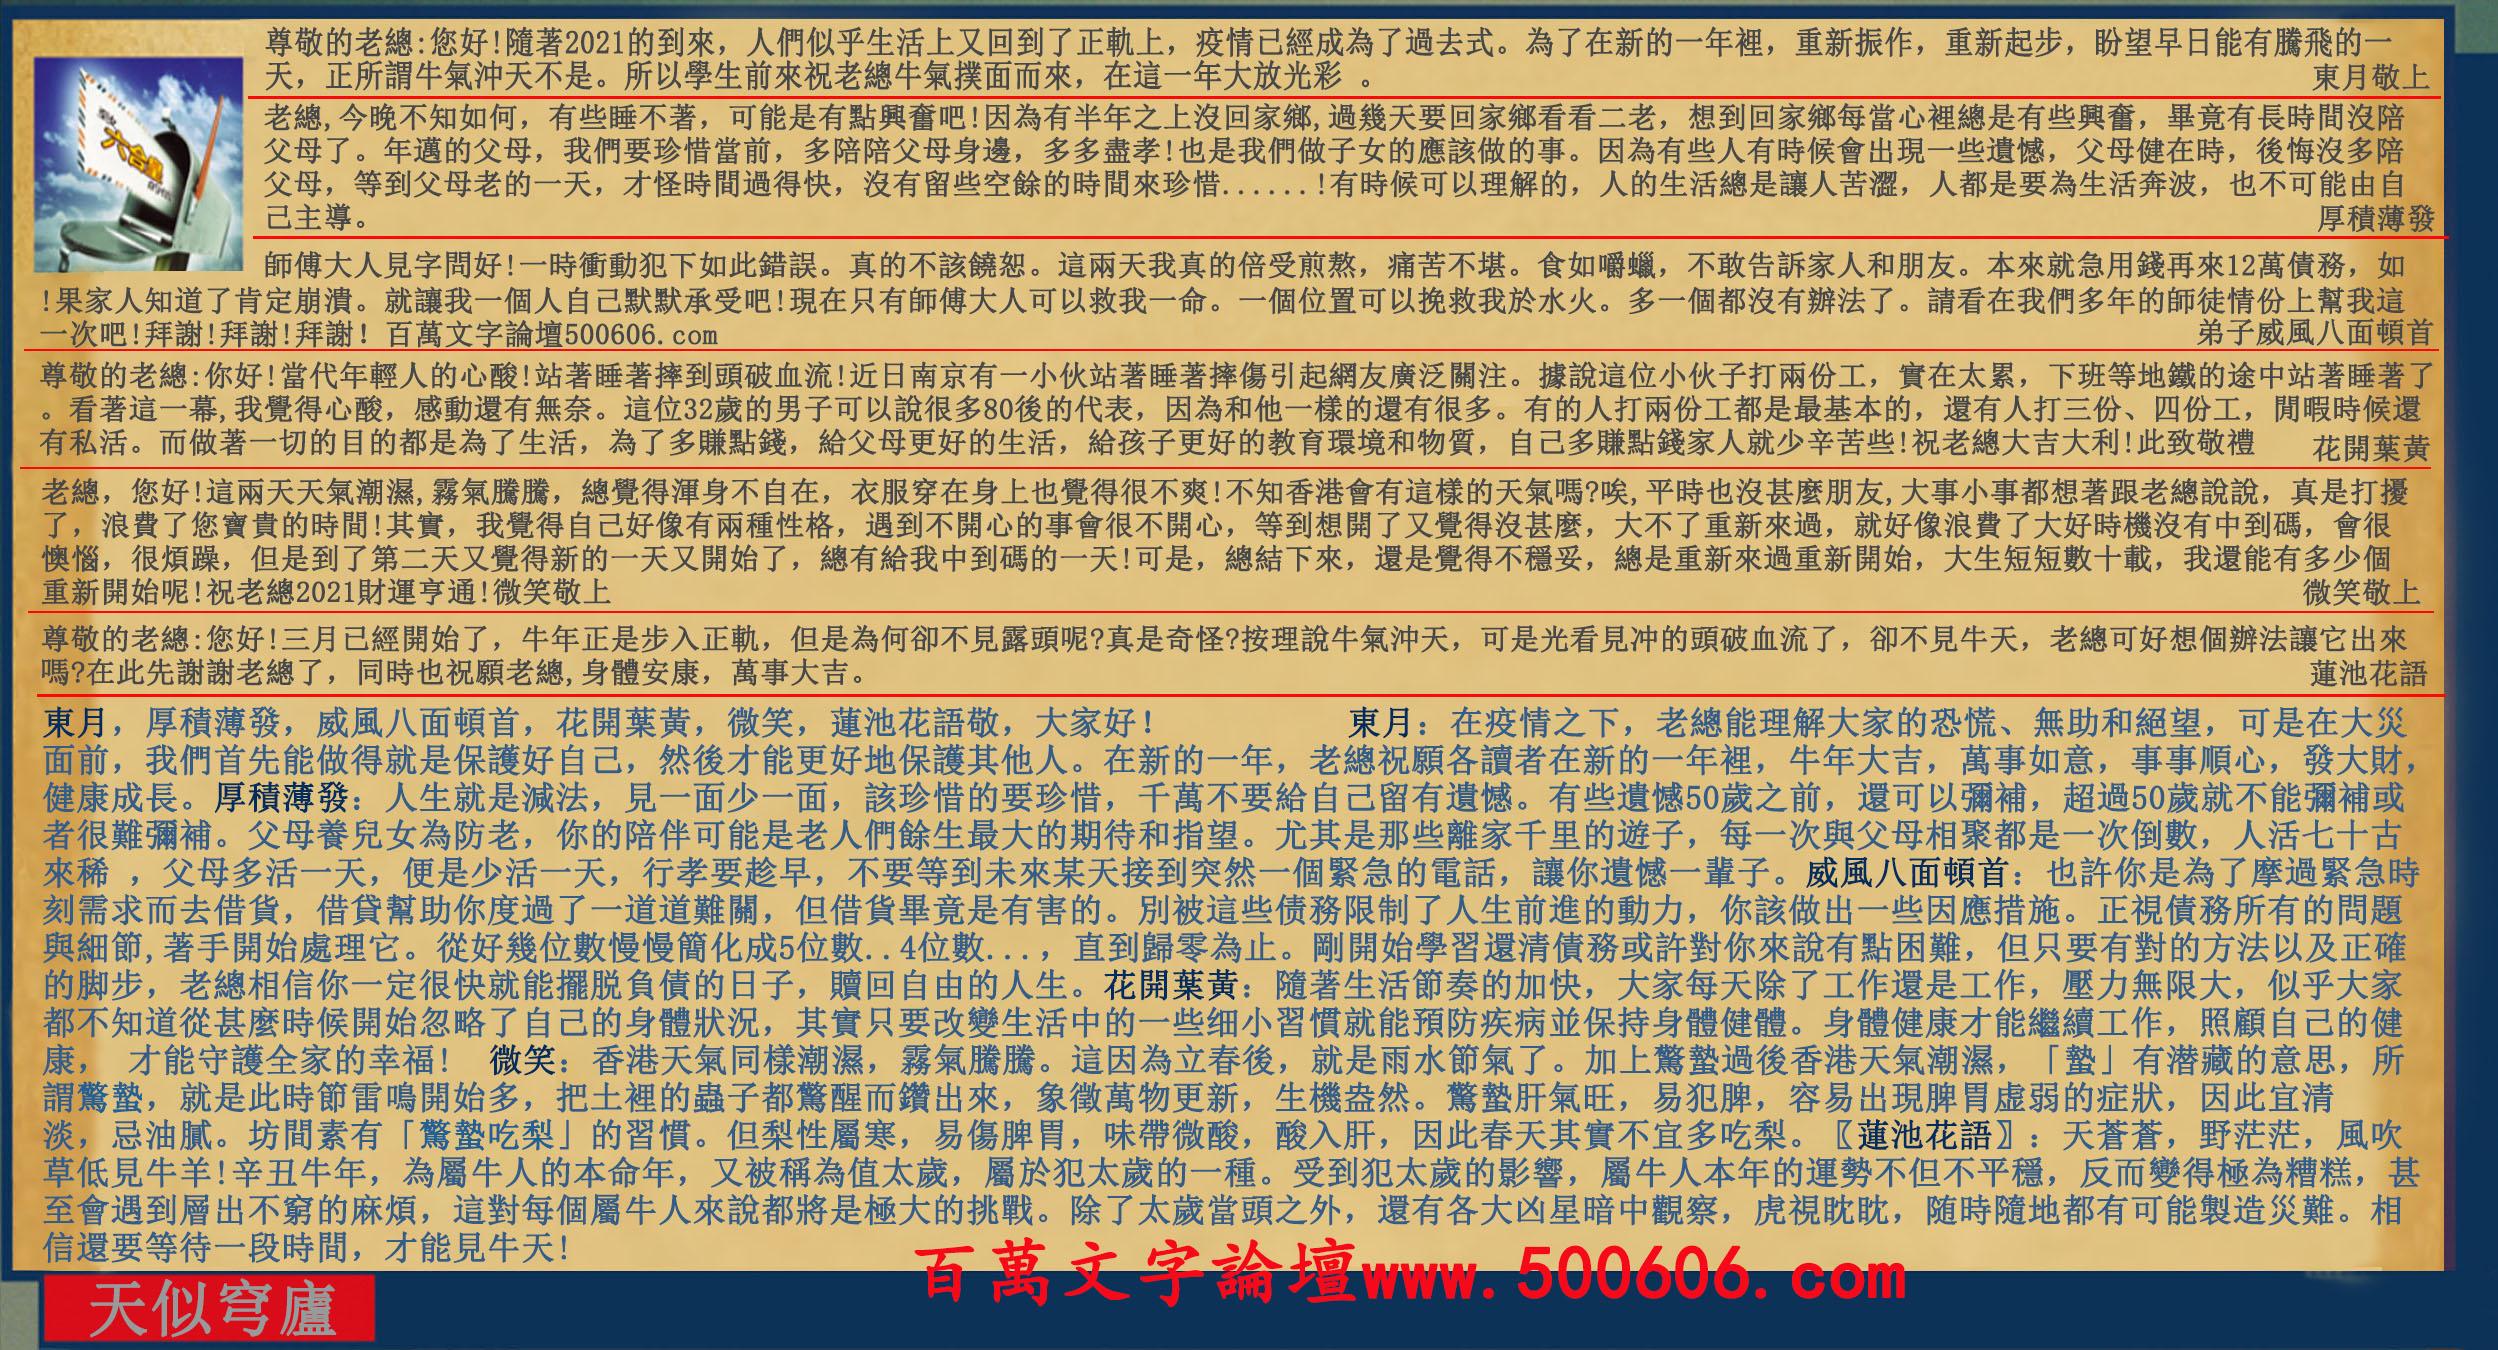 021期:彩民推荐六合皇信箱(�t字:天似穹�]) 021期开奖结果:23-03-25-08-14-09-T35兔/红/火